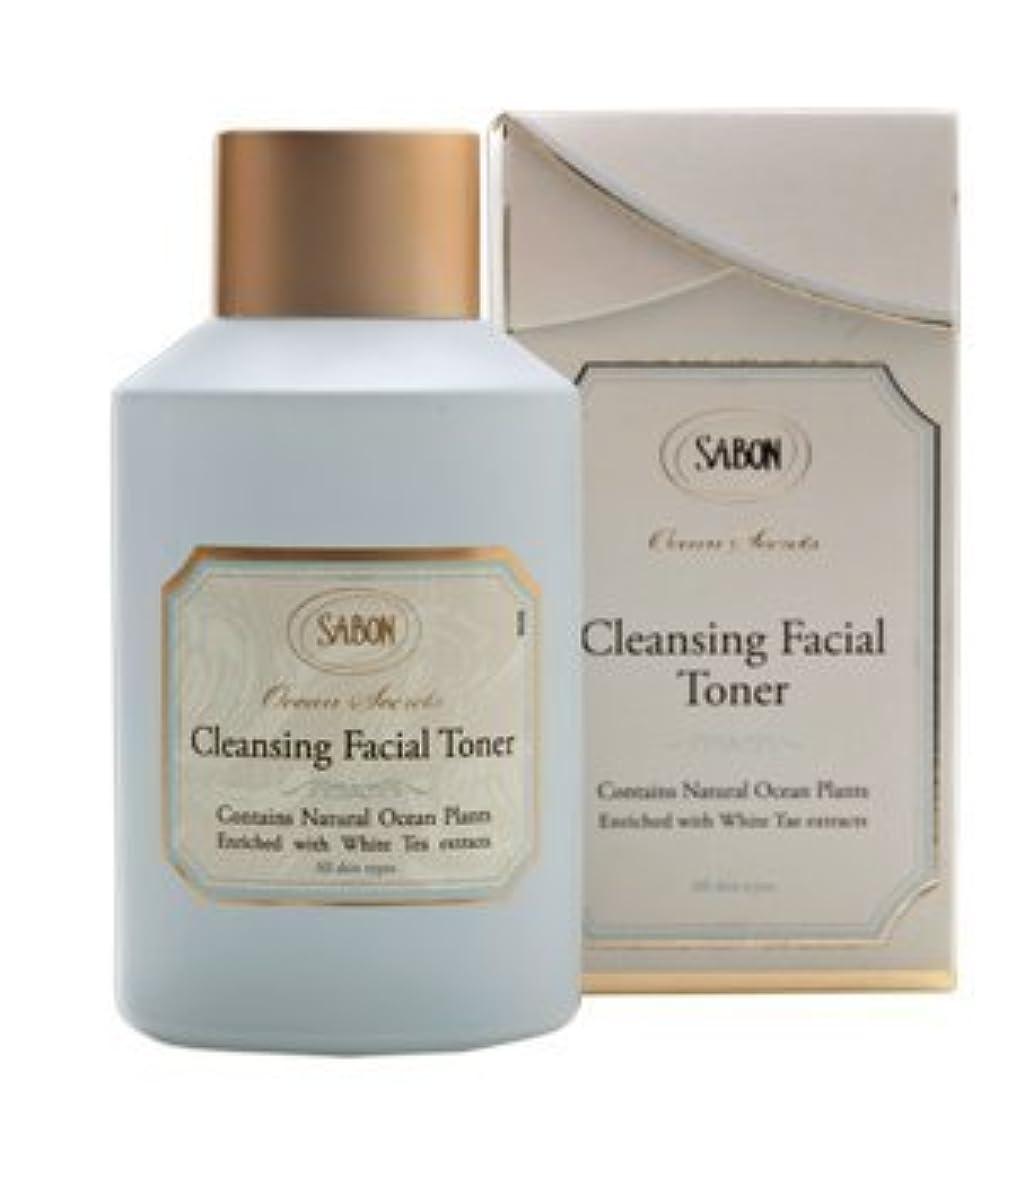 天窓小屋プラグ【SABON(サボン)】Ocean Secrets - Cleansing Facial Toner (125ml) 拭き取り用化粧水 イスラエル発 並行輸入品 海外直送